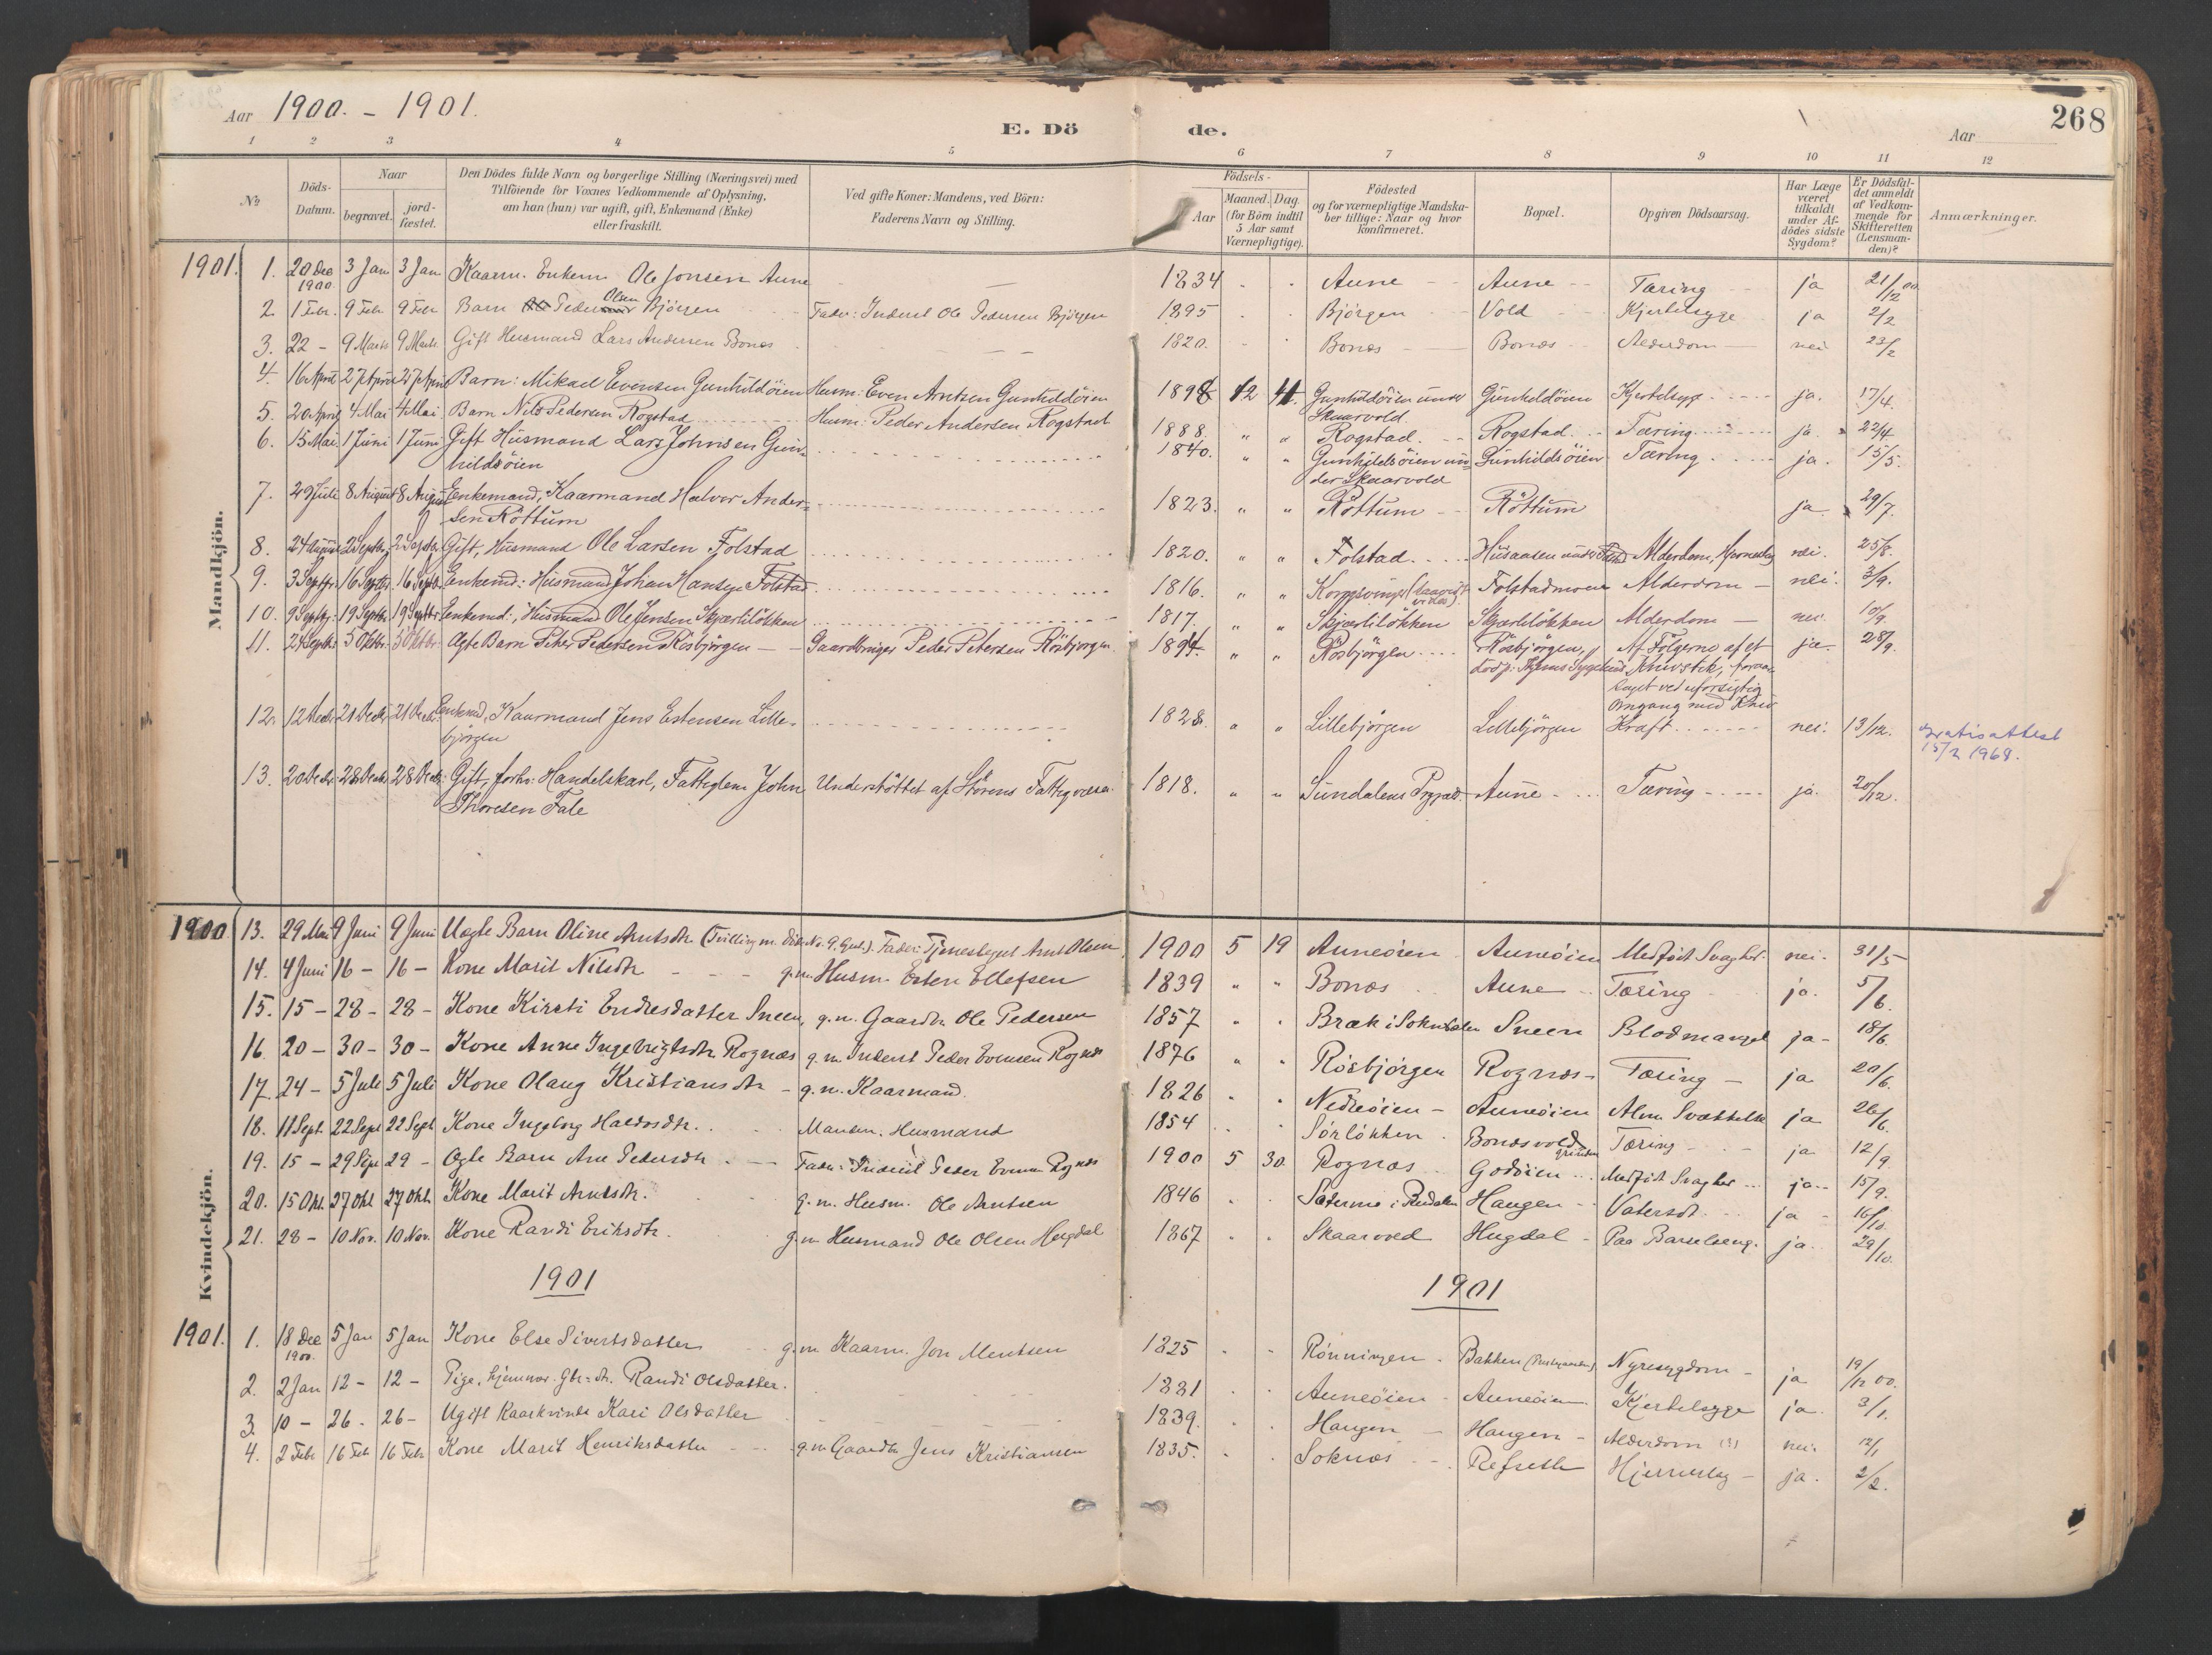 SAT, Ministerialprotokoller, klokkerbøker og fødselsregistre - Sør-Trøndelag, 687/L1004: Ministerialbok nr. 687A10, 1891-1923, s. 268